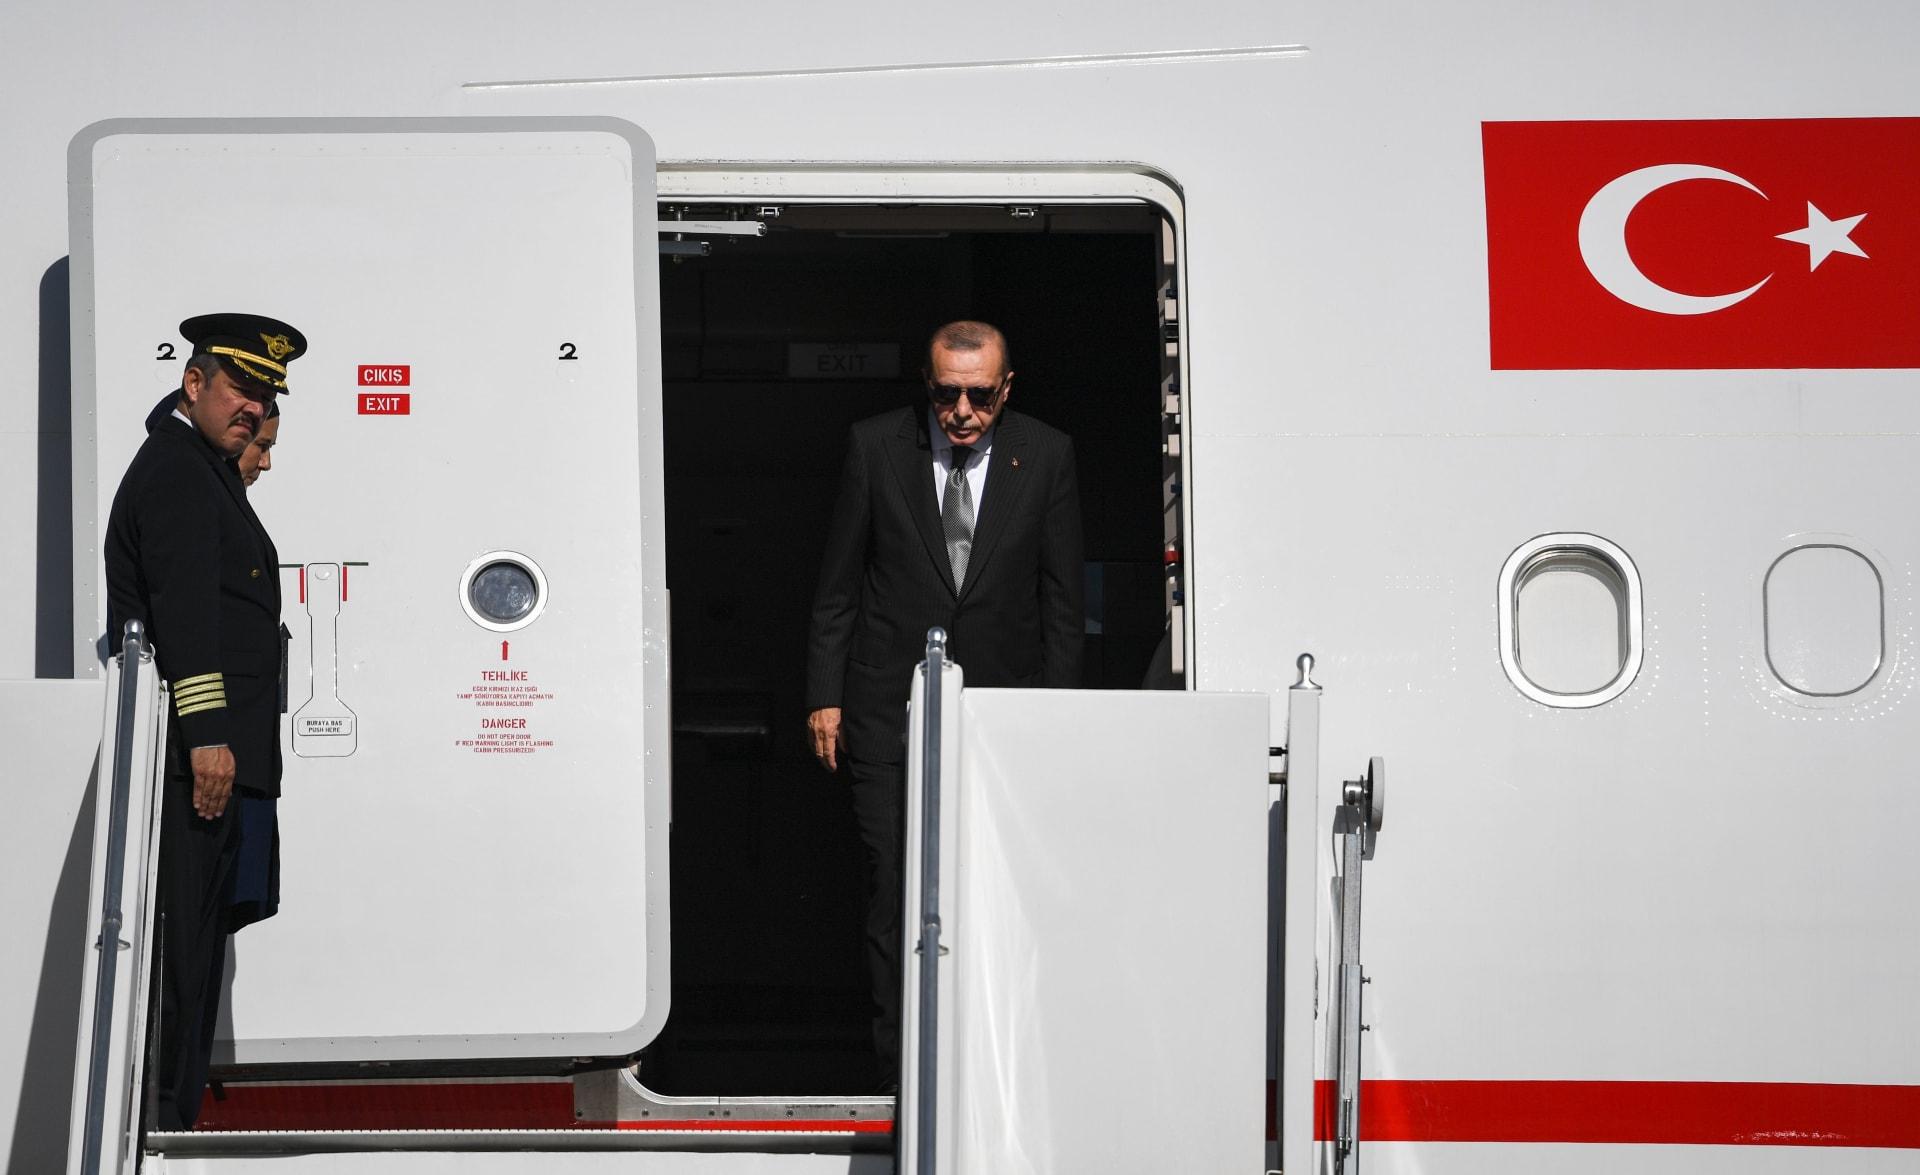 قطر أول وجهة خارجية لأردوغان منذ انتشار كورونا.. وخليفة بن حمد: تحالف أخوي